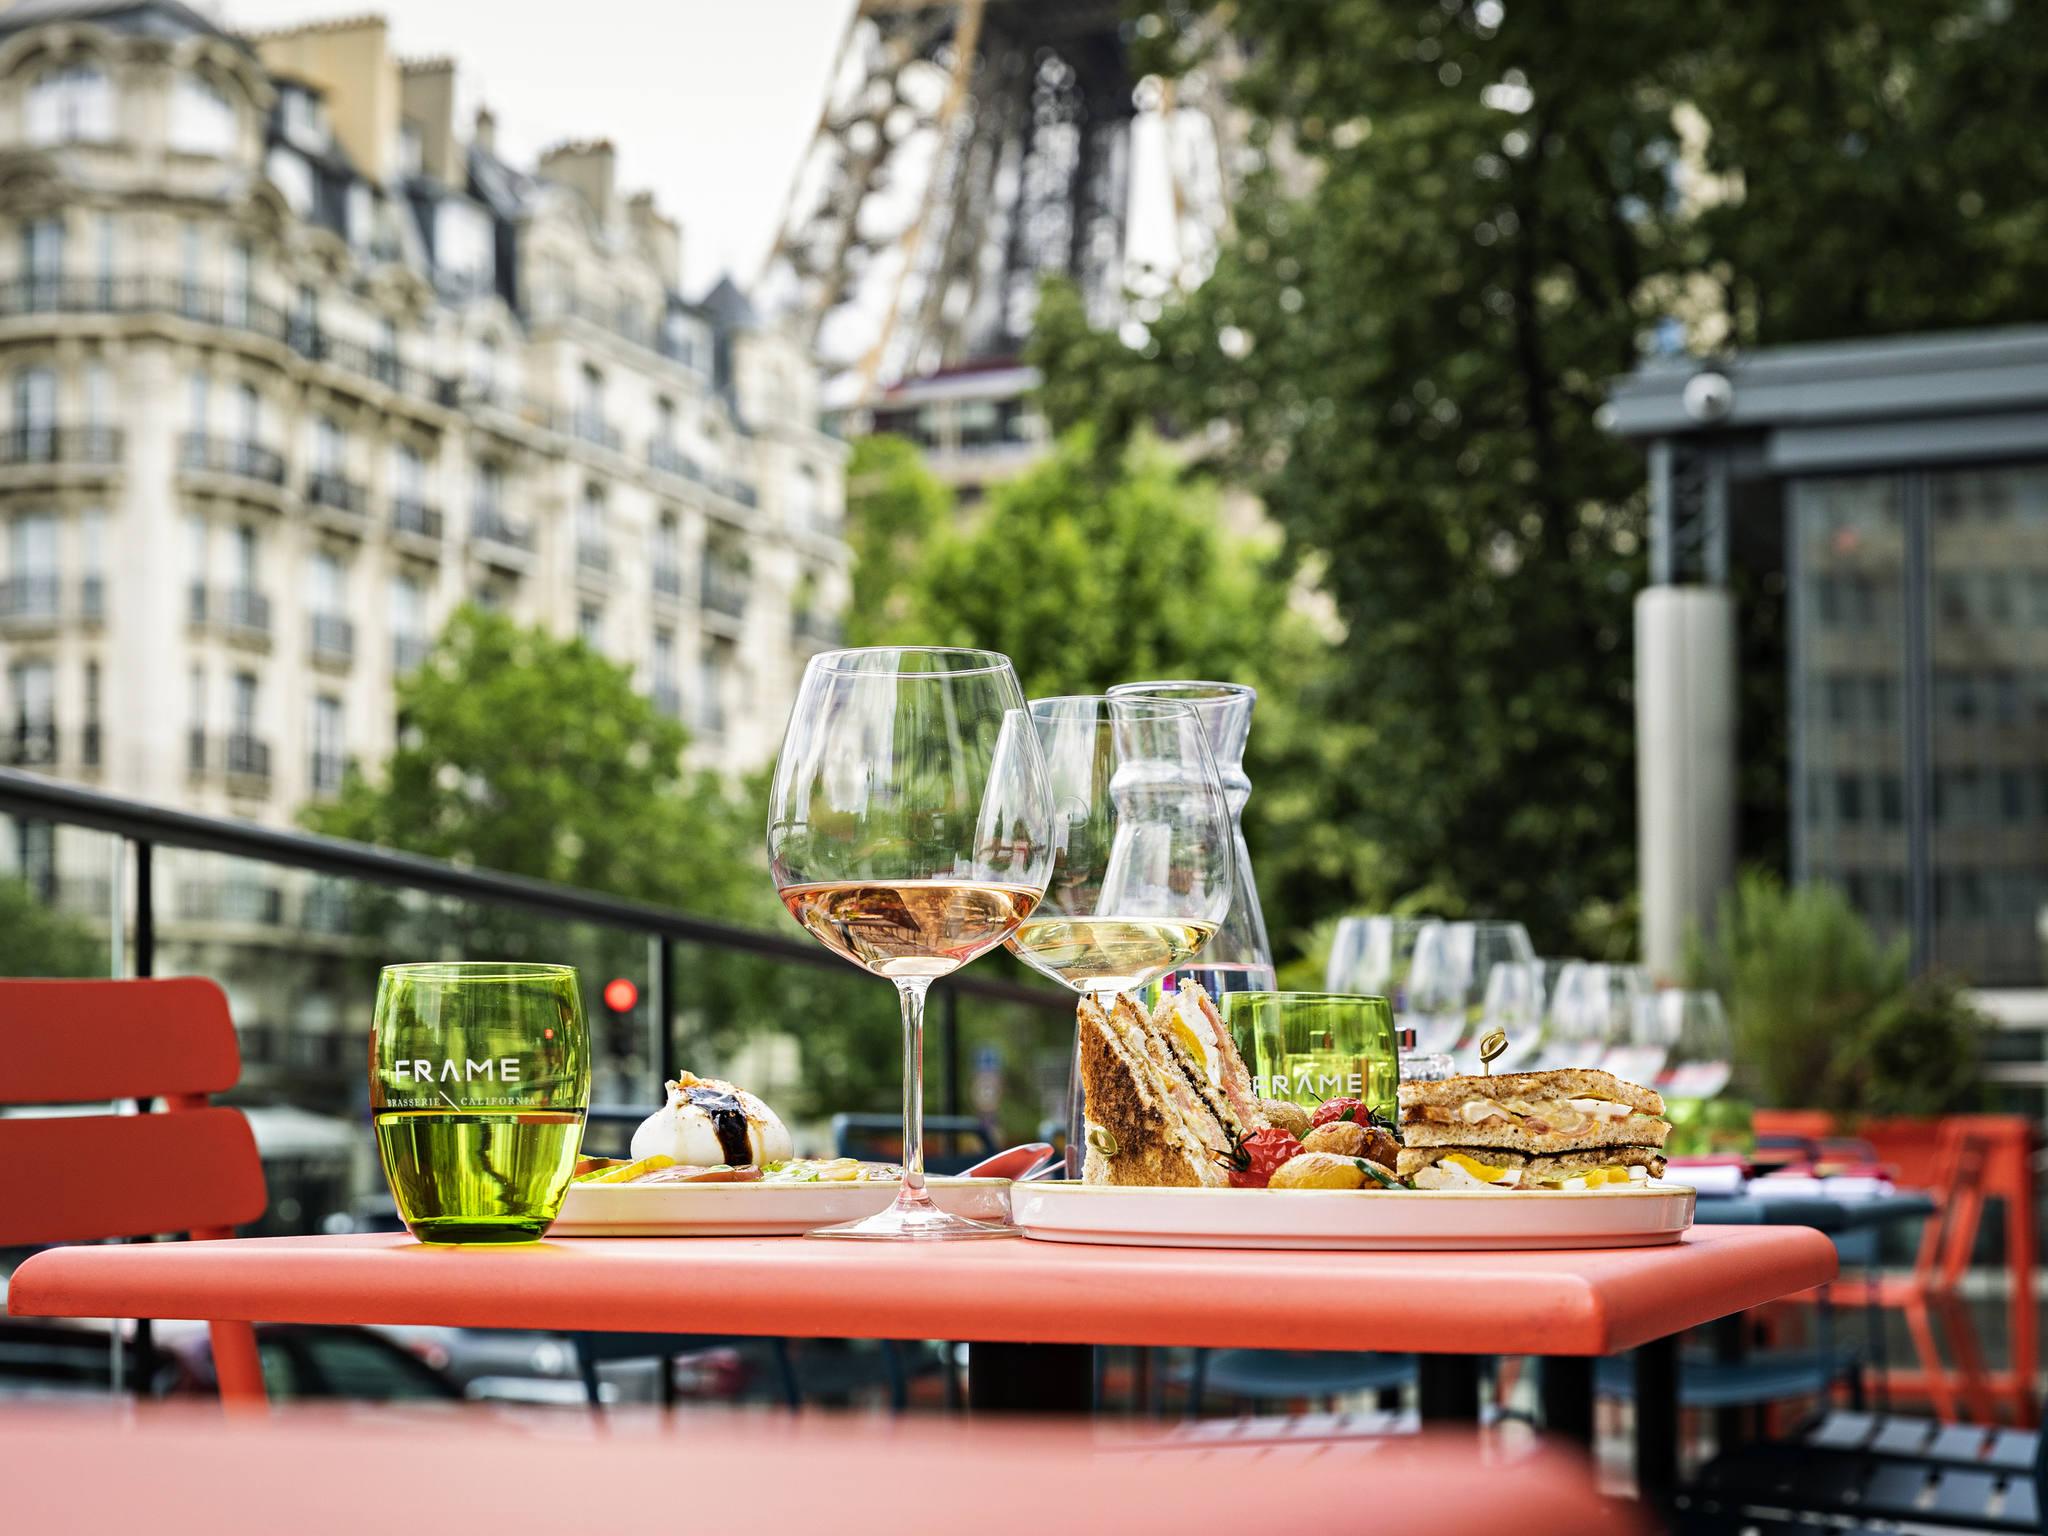 โรงแรม – พูลแมน ปารีส ตูร์ ไอเฟล